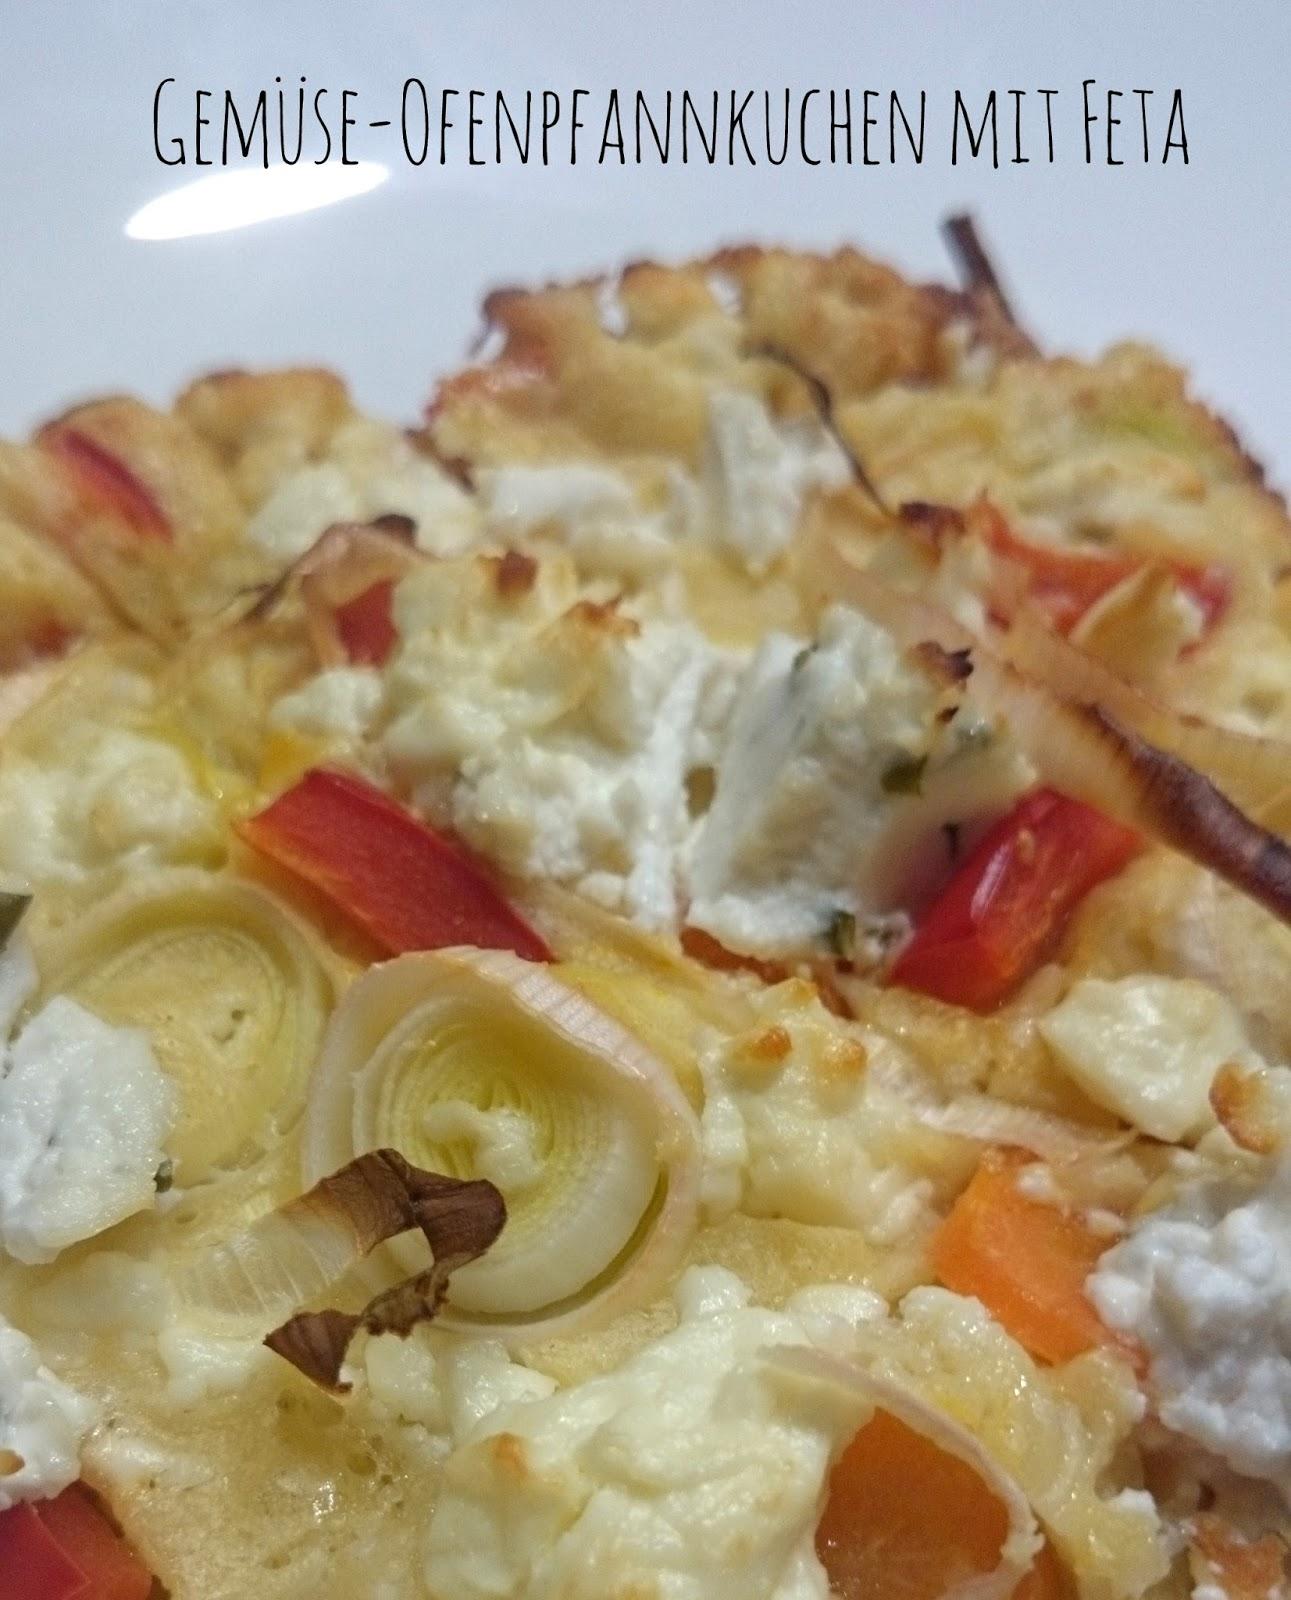 Gemüse-Ofenpfannkuchen mit Feta